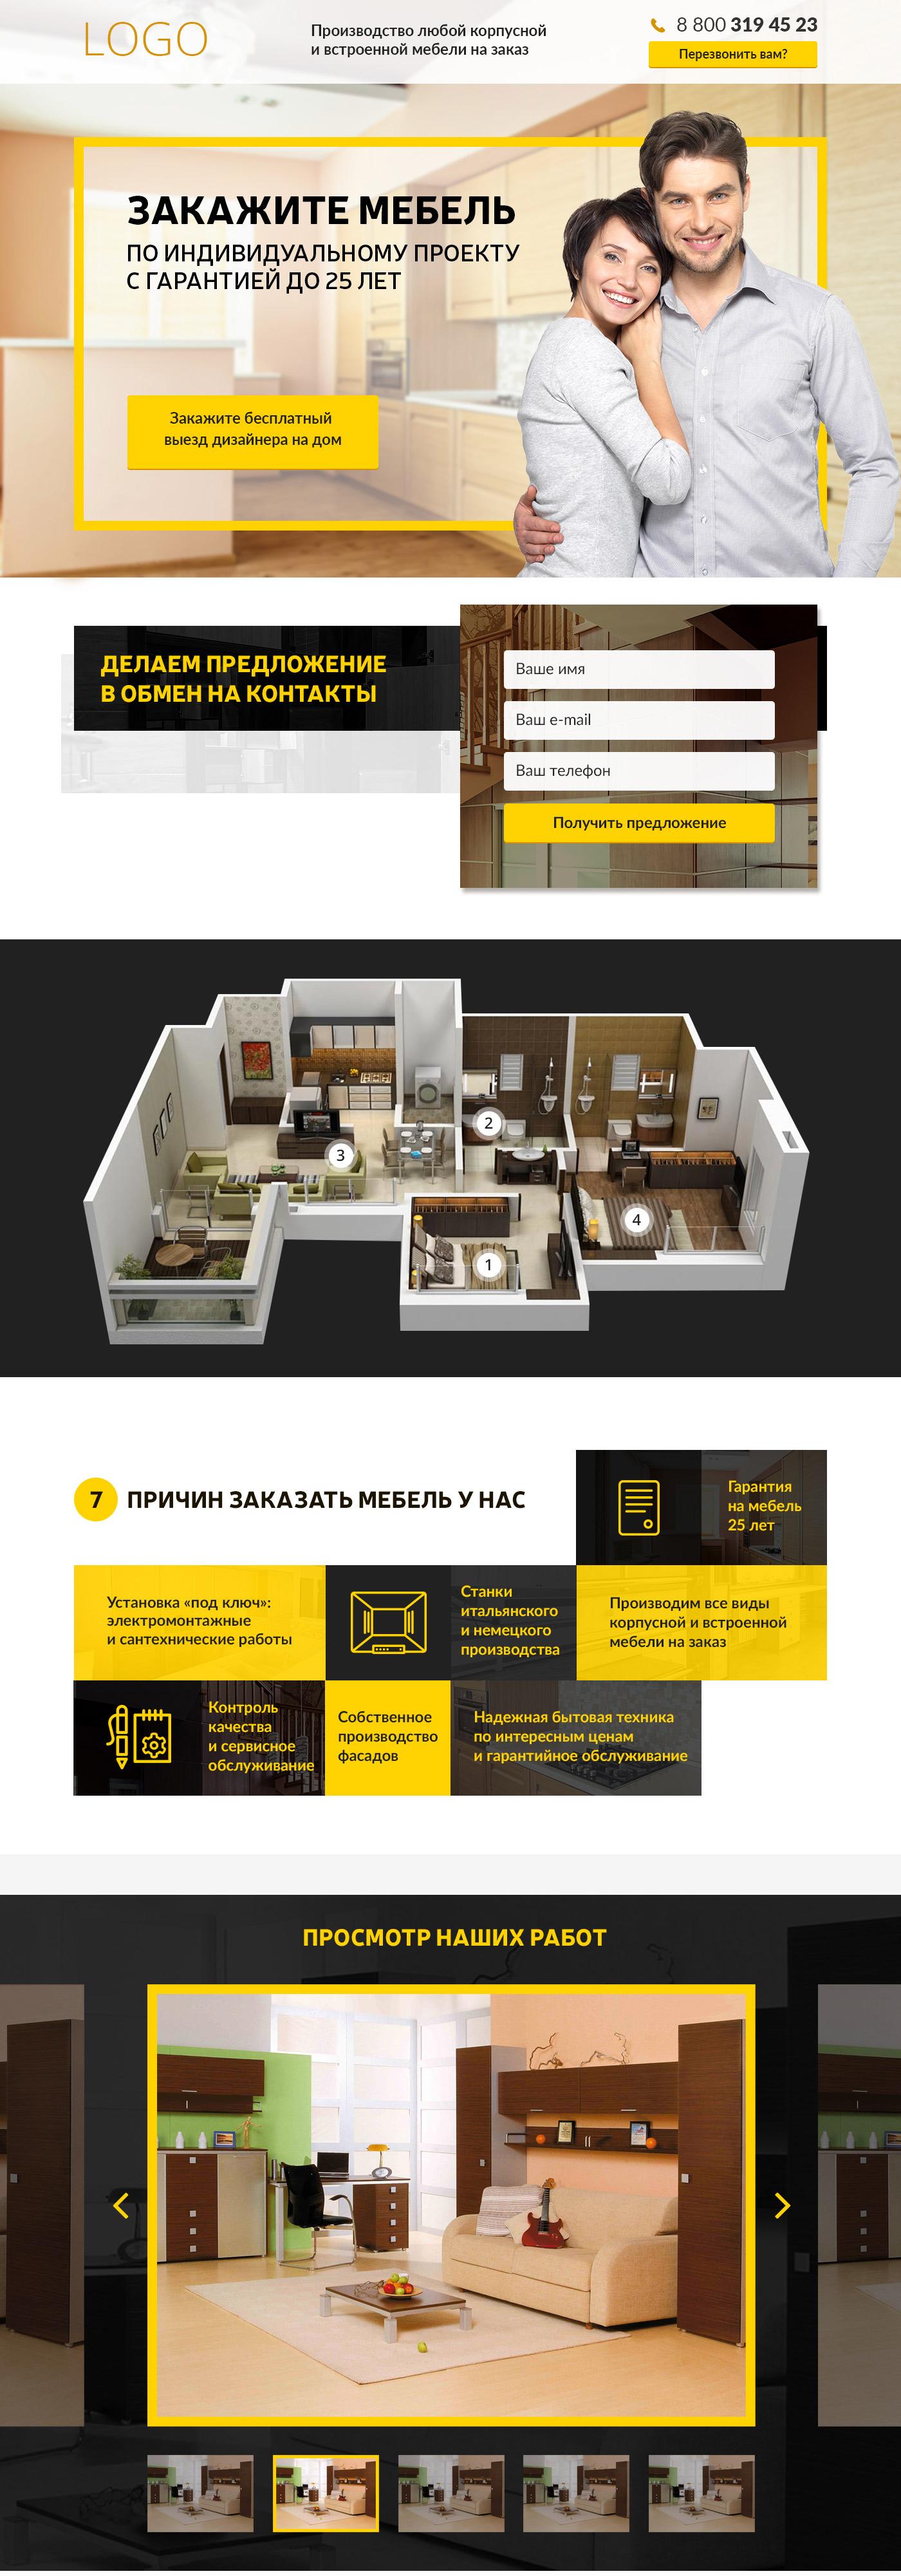 [Лендинг] Мебель по индивидуальному проекту